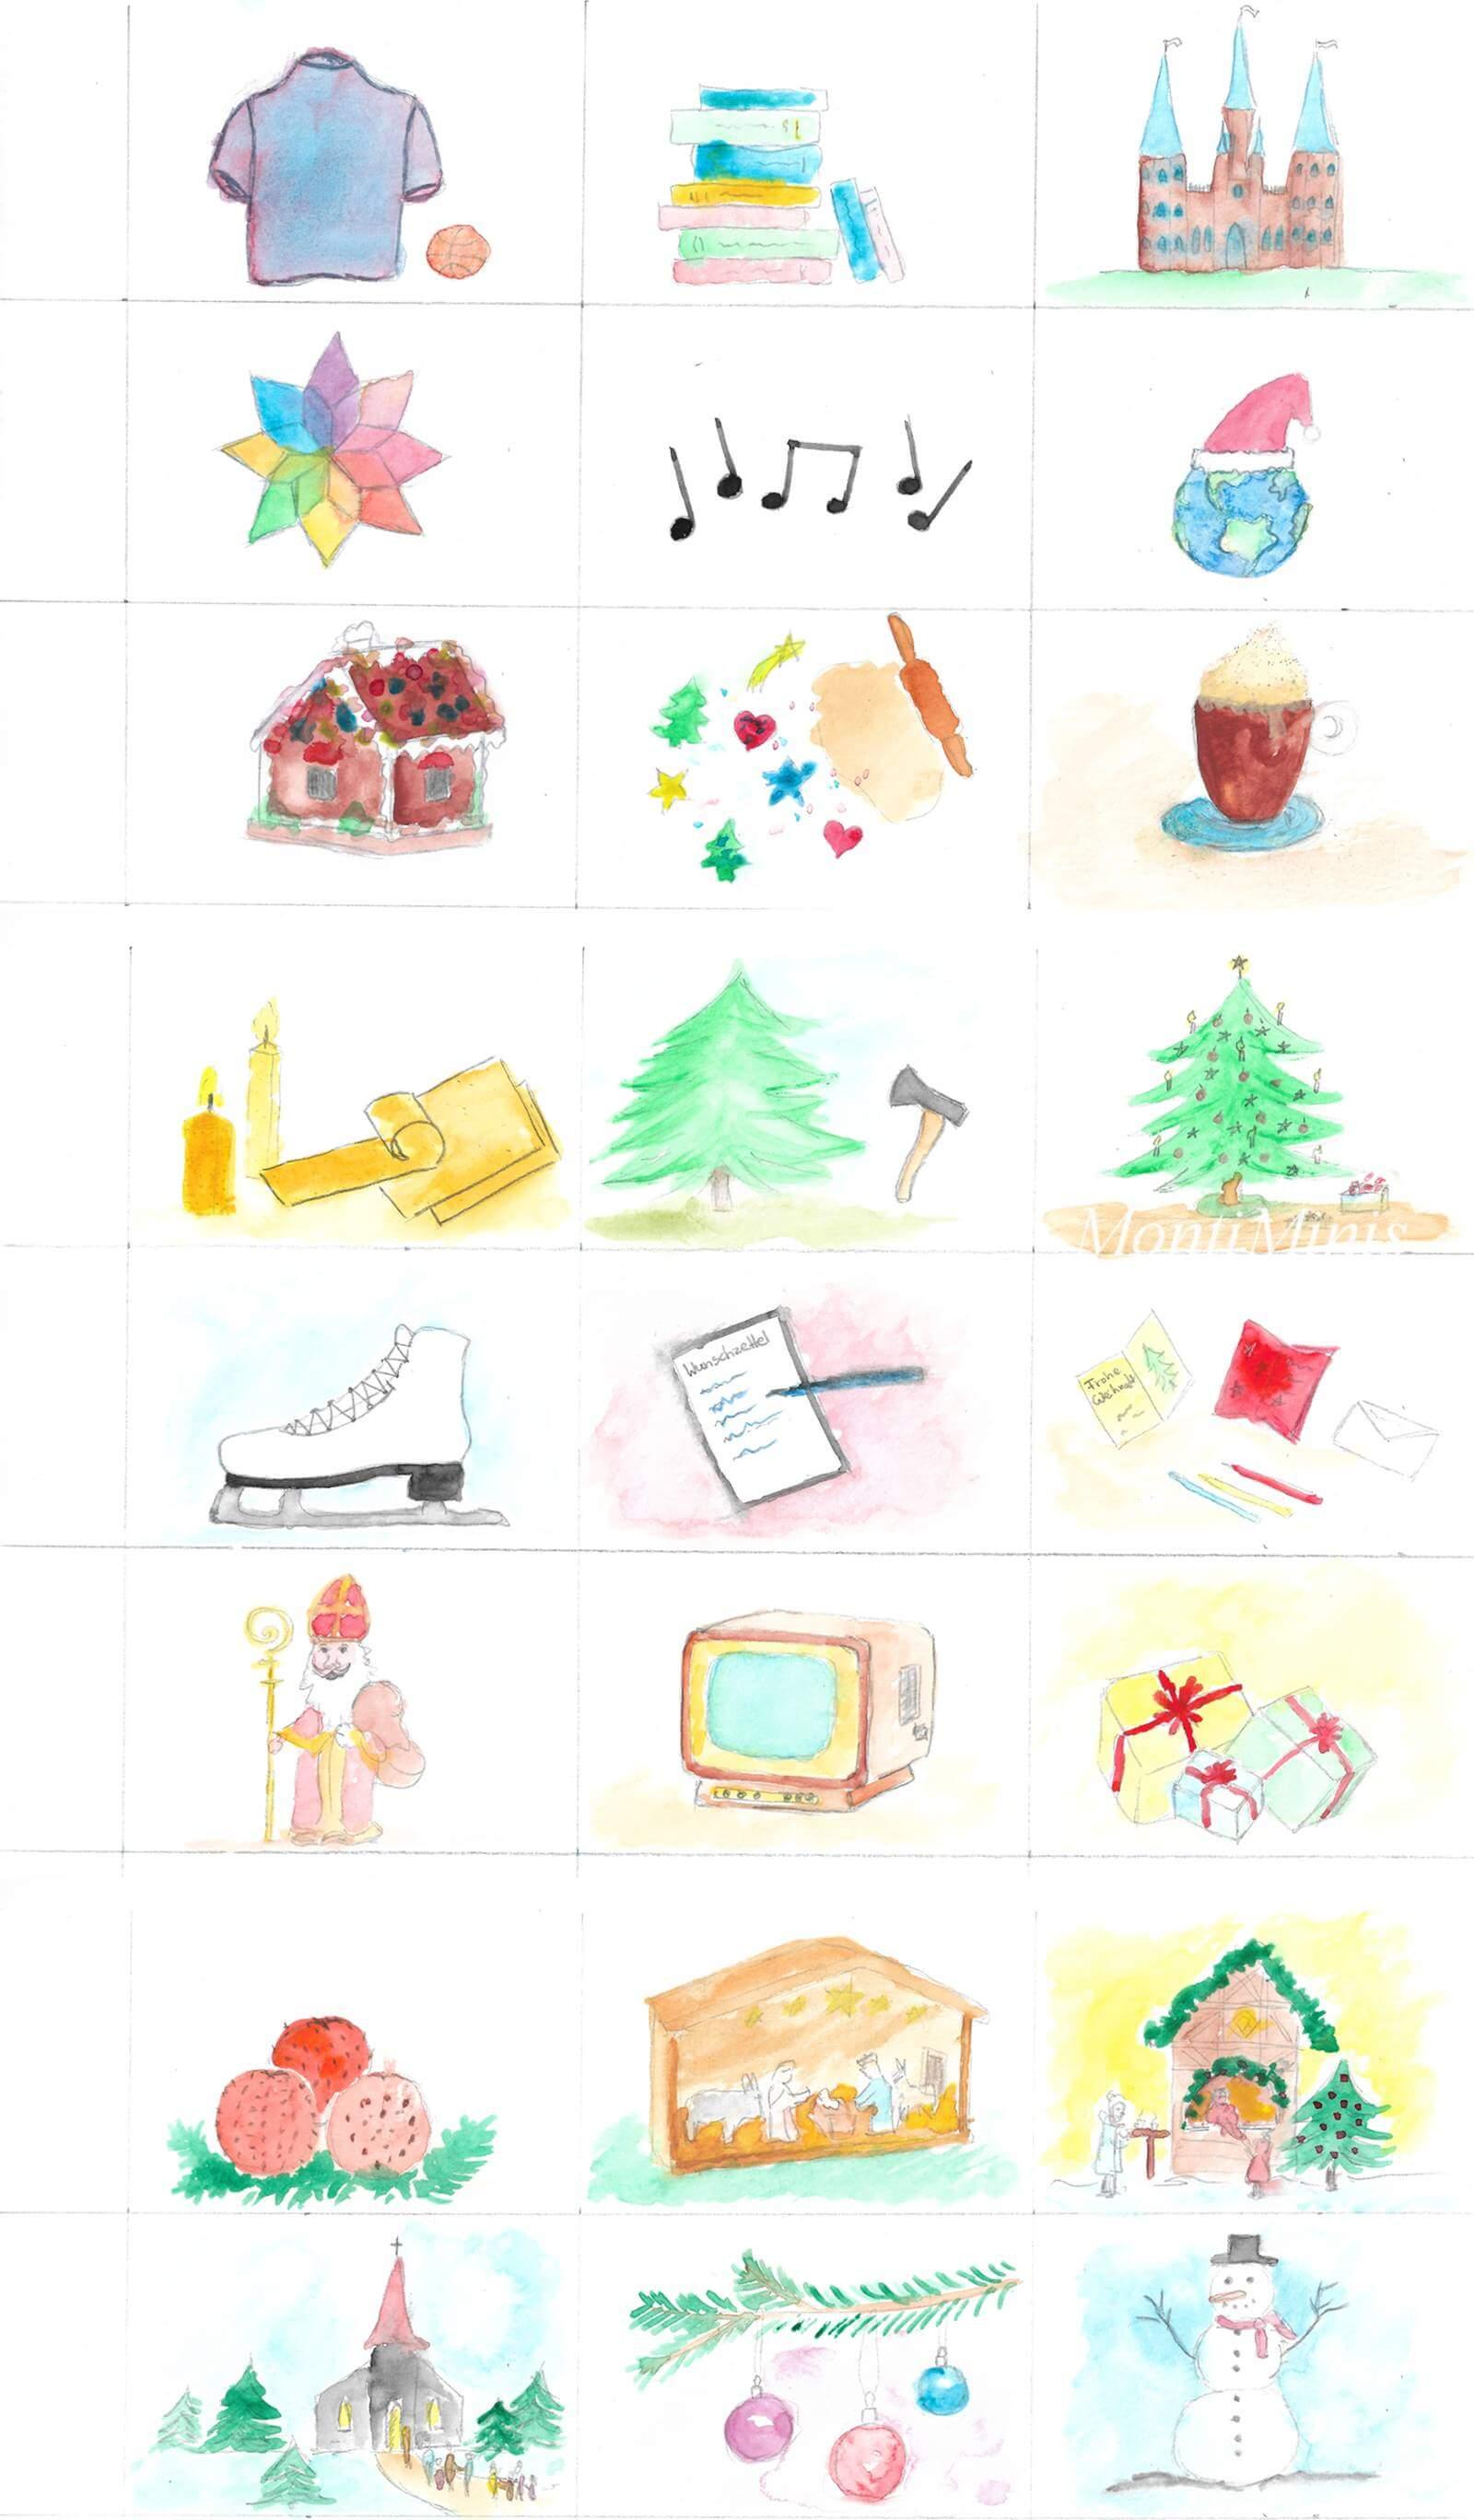 Calendario dolci Idee giocattoliMontessori da dell'Avvento fai tesenza e n0wOv8mN